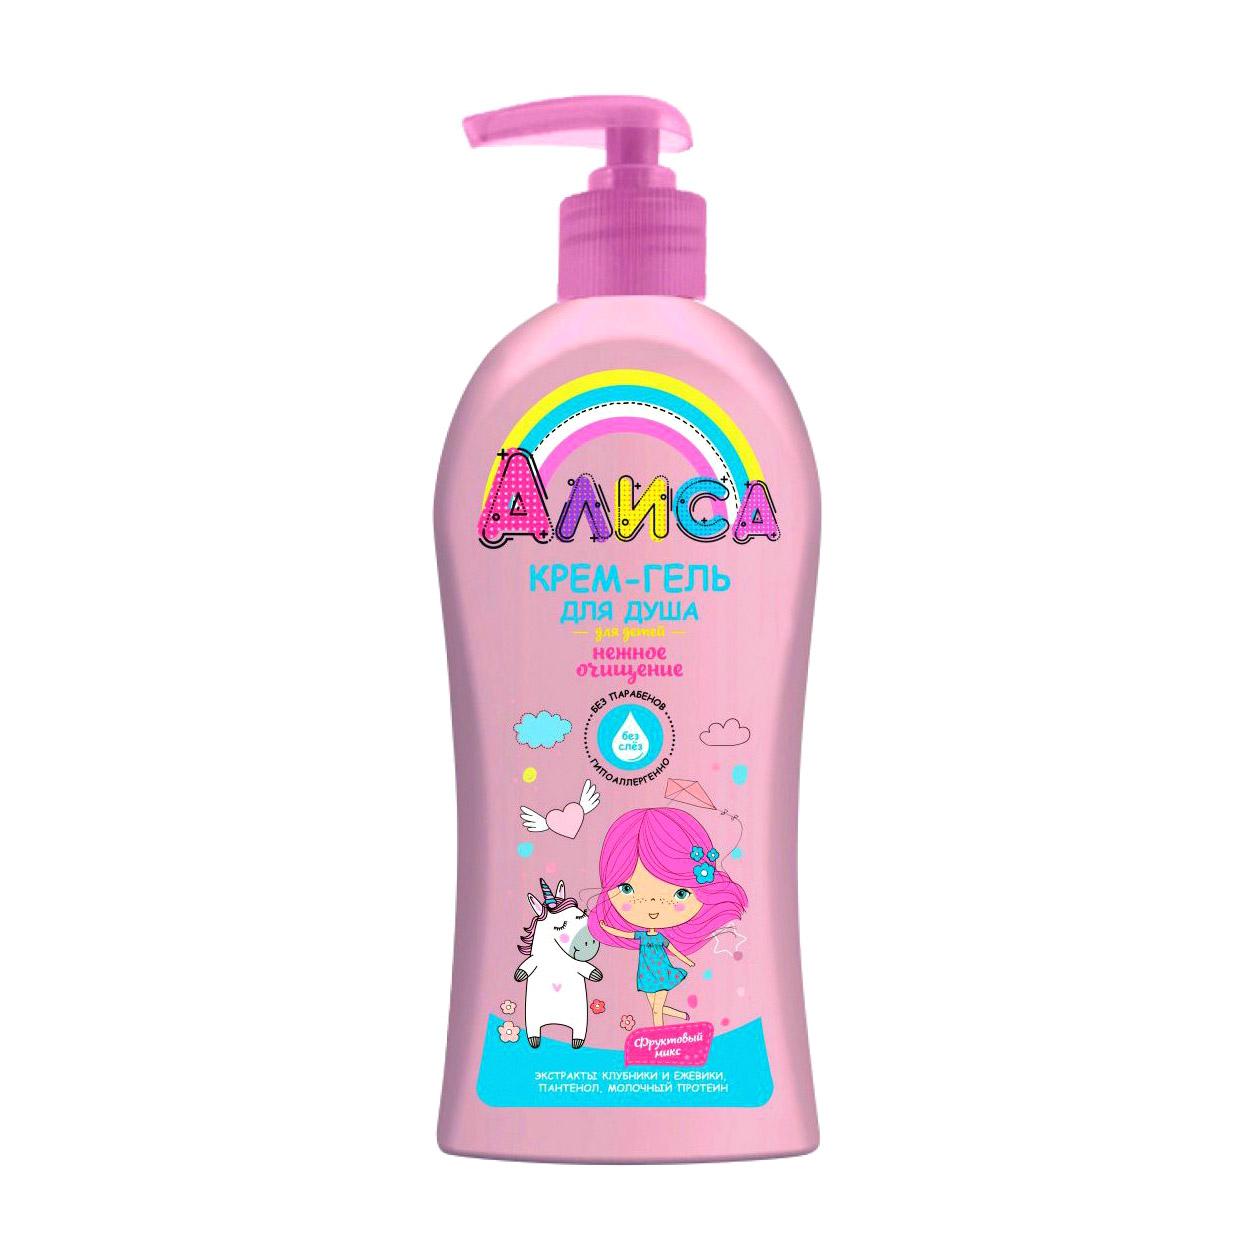 Фото - Крем-гель для душа для детей Алиса нежное очищение 350 мл свобода крем мылоsvoboda baby длямладенца 250 мл